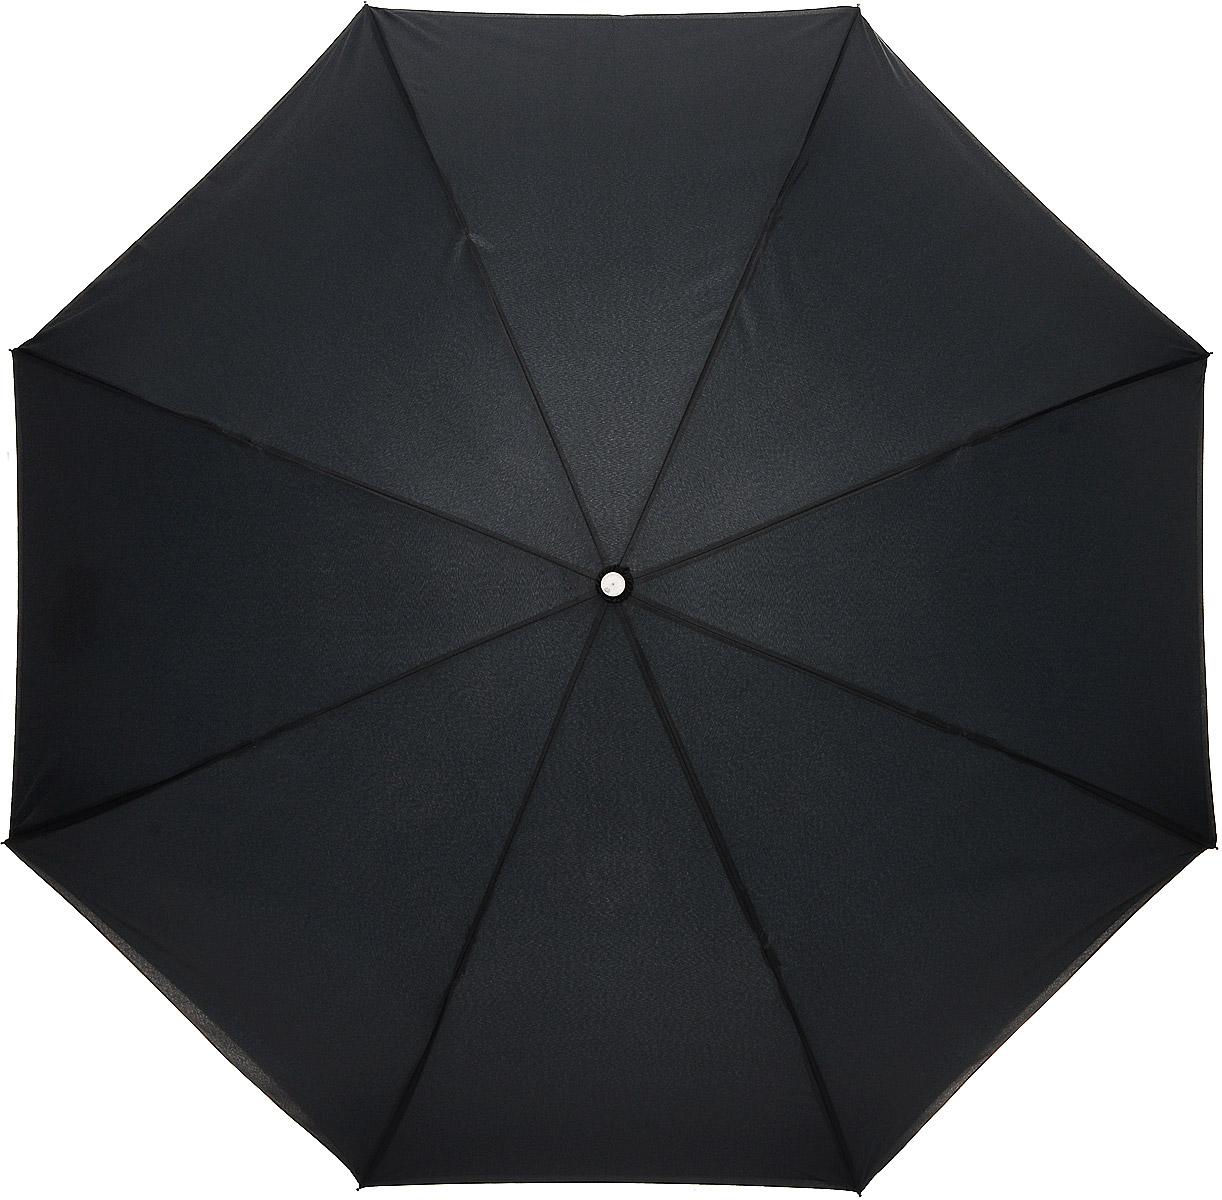 Зонт-трость женский Vera Victoria Vito, механика, цвет: черный, голубой. 20-701-18Колье (короткие одноярусные бусы)Оригинальный зонт-трость Vera Victoria Vito надежно защитит вас от дождя. Купол выполнен из полиэстера, который не пропускает воду. Внутренняя поверхность зонта оформлена декоративной перфорацией. Каркас зонта и спицы выполнены из высококачественного металла. Удобная ручка выполнена из пластика. Зонт имеет механический тип сложения: открывается и закрывается при нажатии на кнопку. Зонт складывается внутренней стороной наружу, избавляя владельца от контакта с мокрой поверхностью.